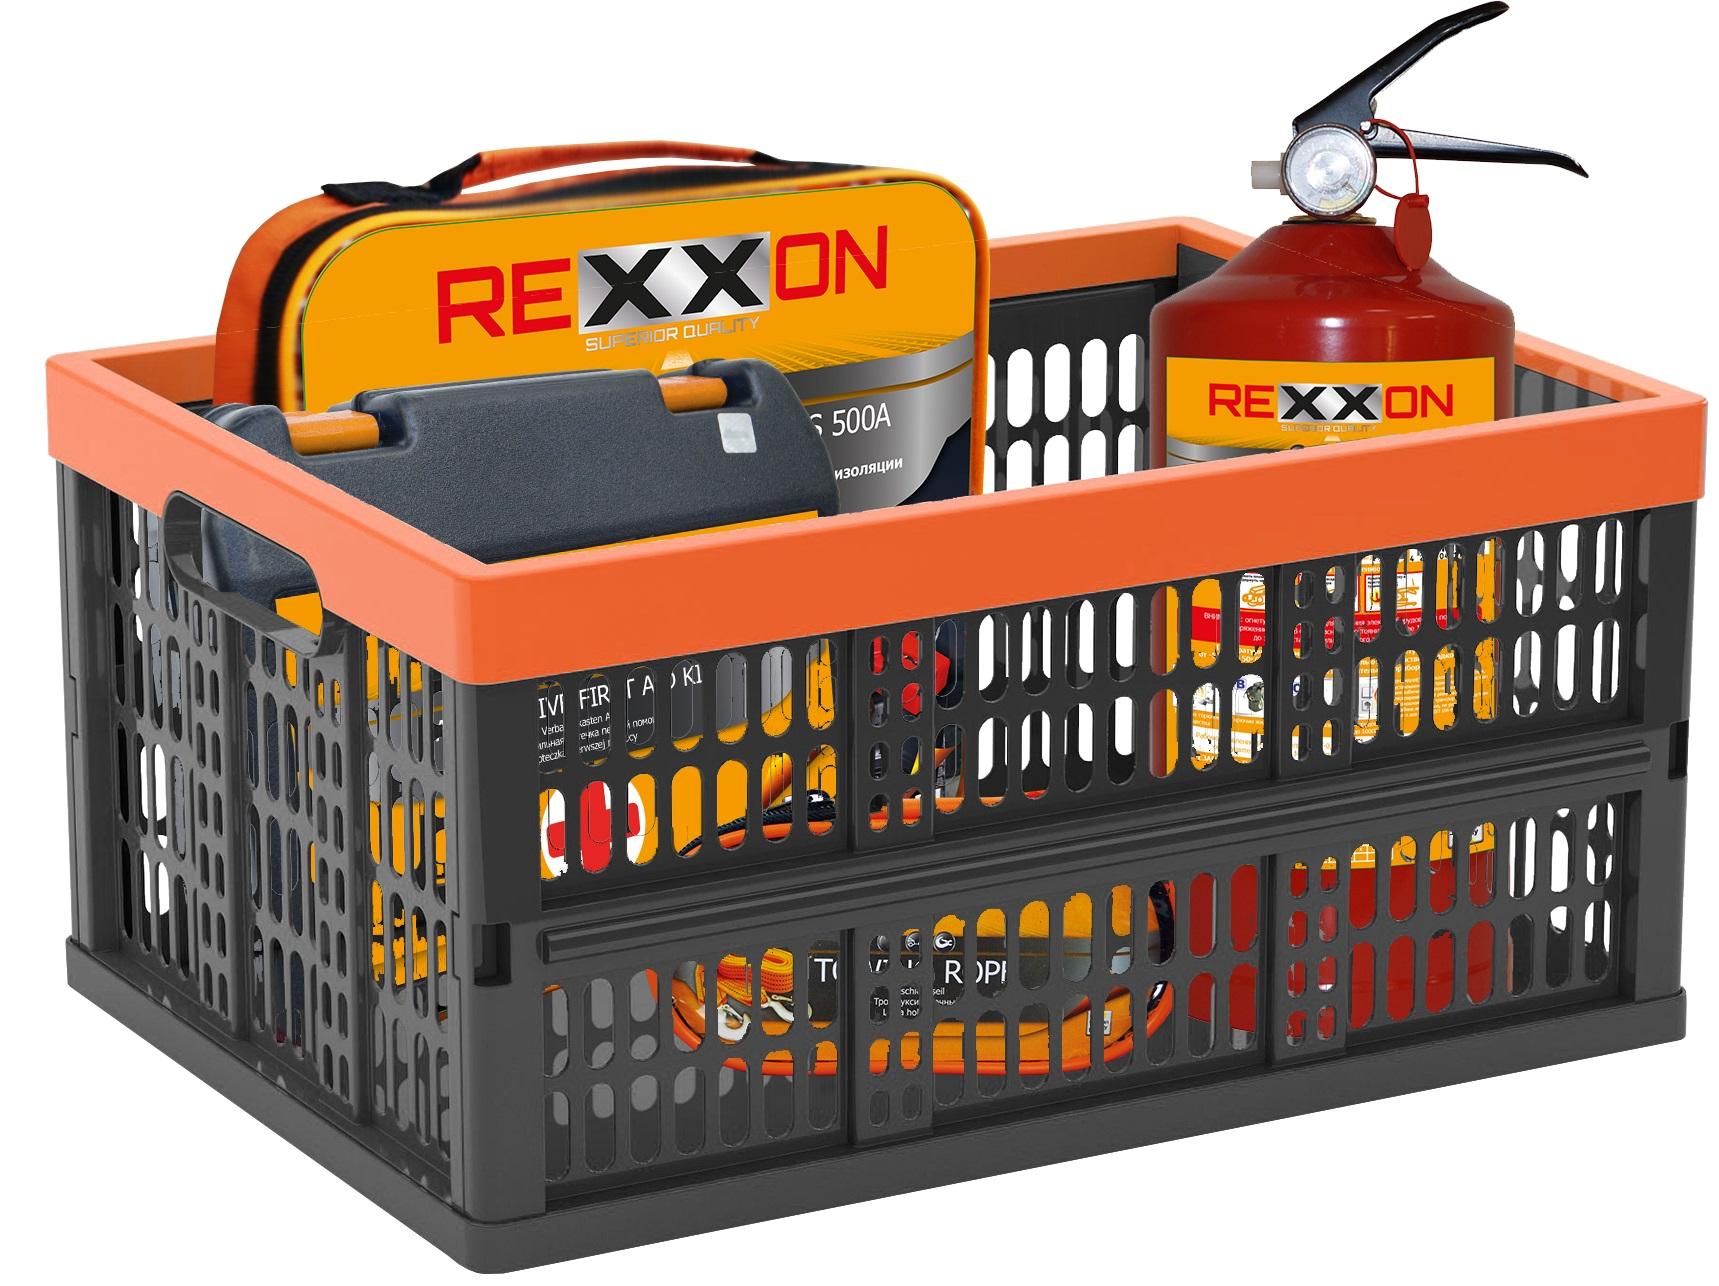 Органайзер автомобильный Rexxon, цвет: черный3-6-1-1-1Ящик Автомобильный скаладной 38 л. Предназначен для перевозки автопринадлежностей в багажнике автомобиля. Ёмкость ящика 38 л., весовая нагрузка 20 кг